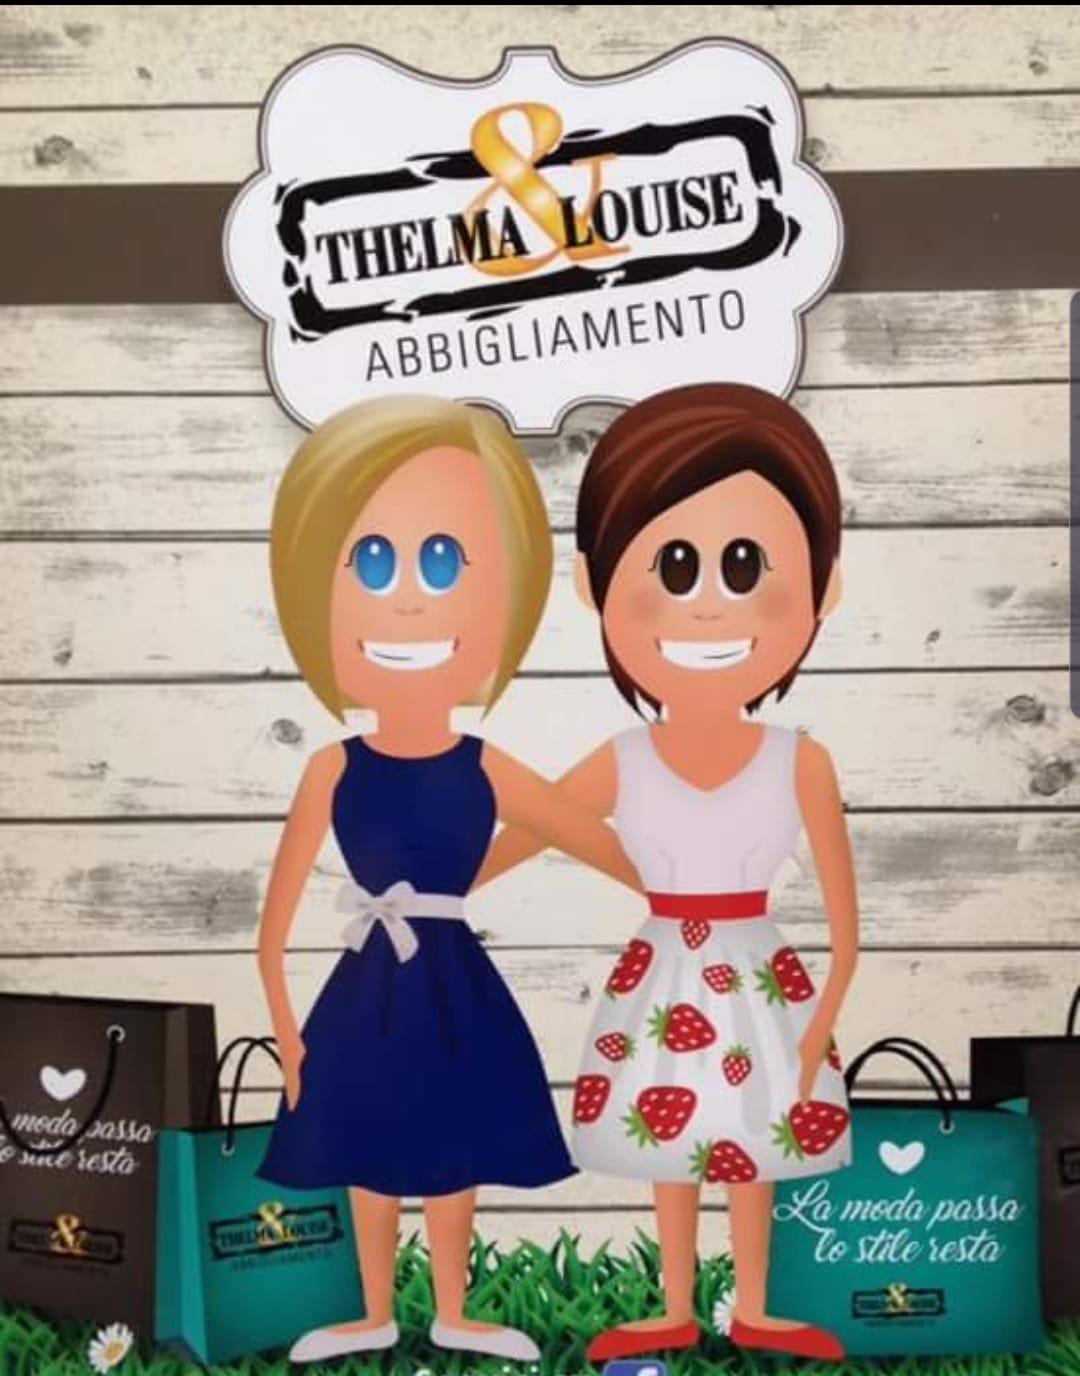 Thelma & Louise (9)